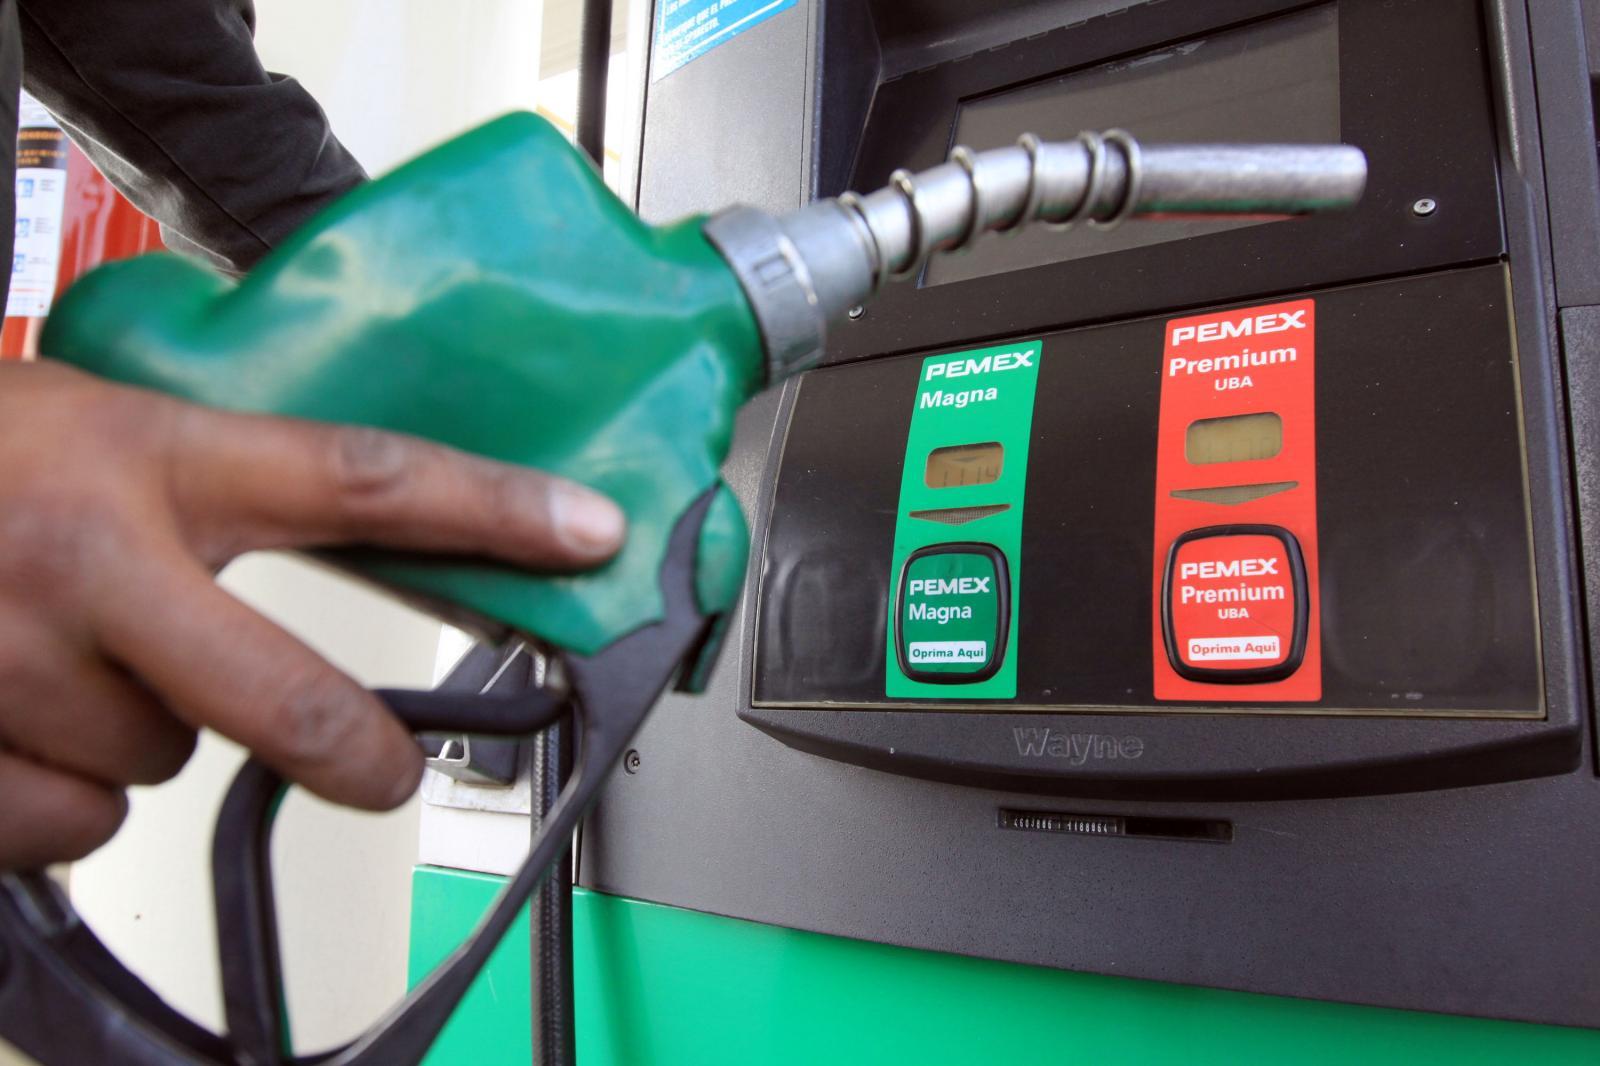 Cargando gasolina en una gasolinera